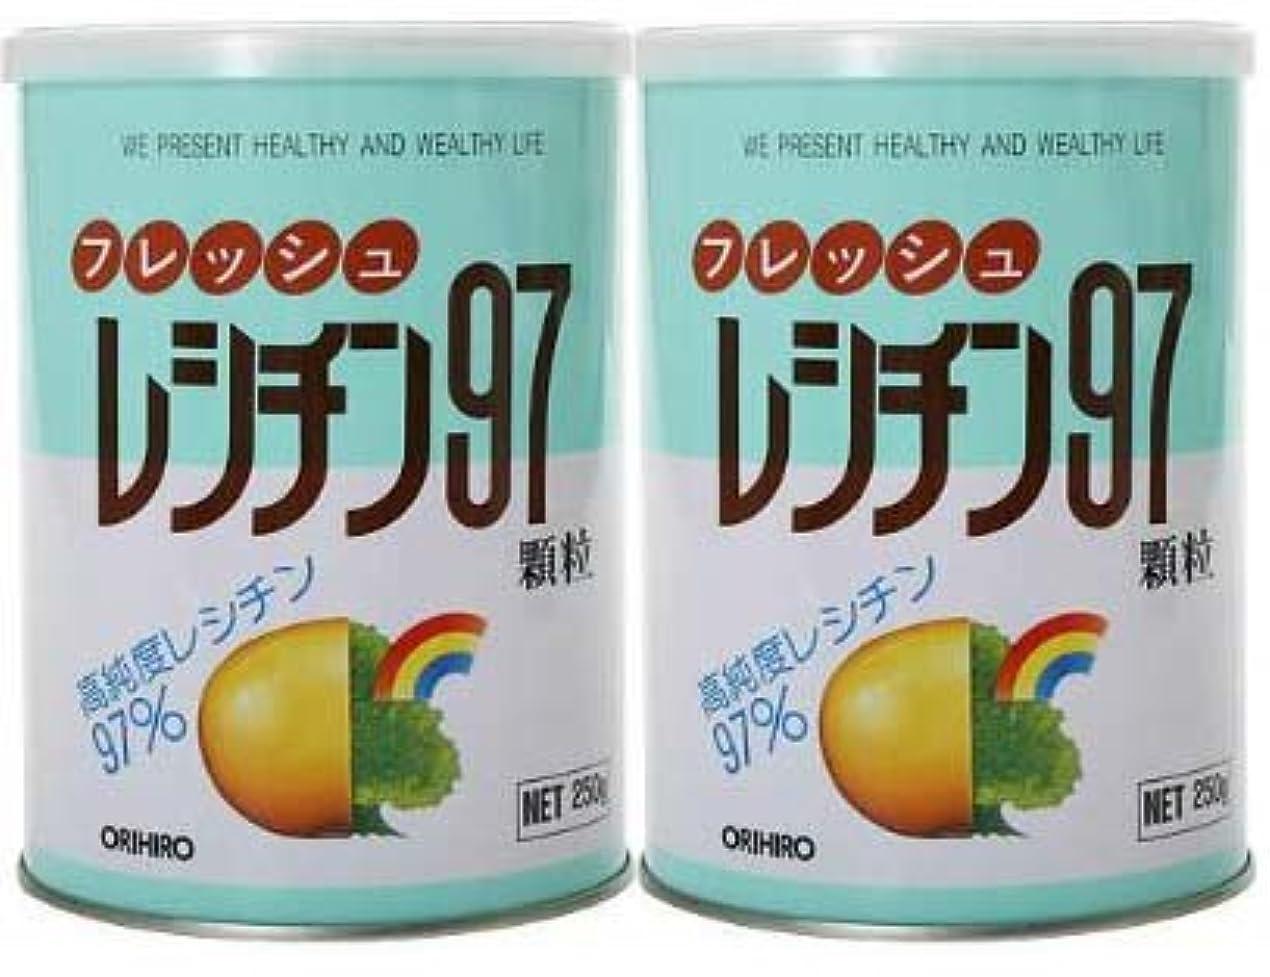 アリーナ風味反逆オリヒロ フレッシュレシチン97 250g【2缶セット】